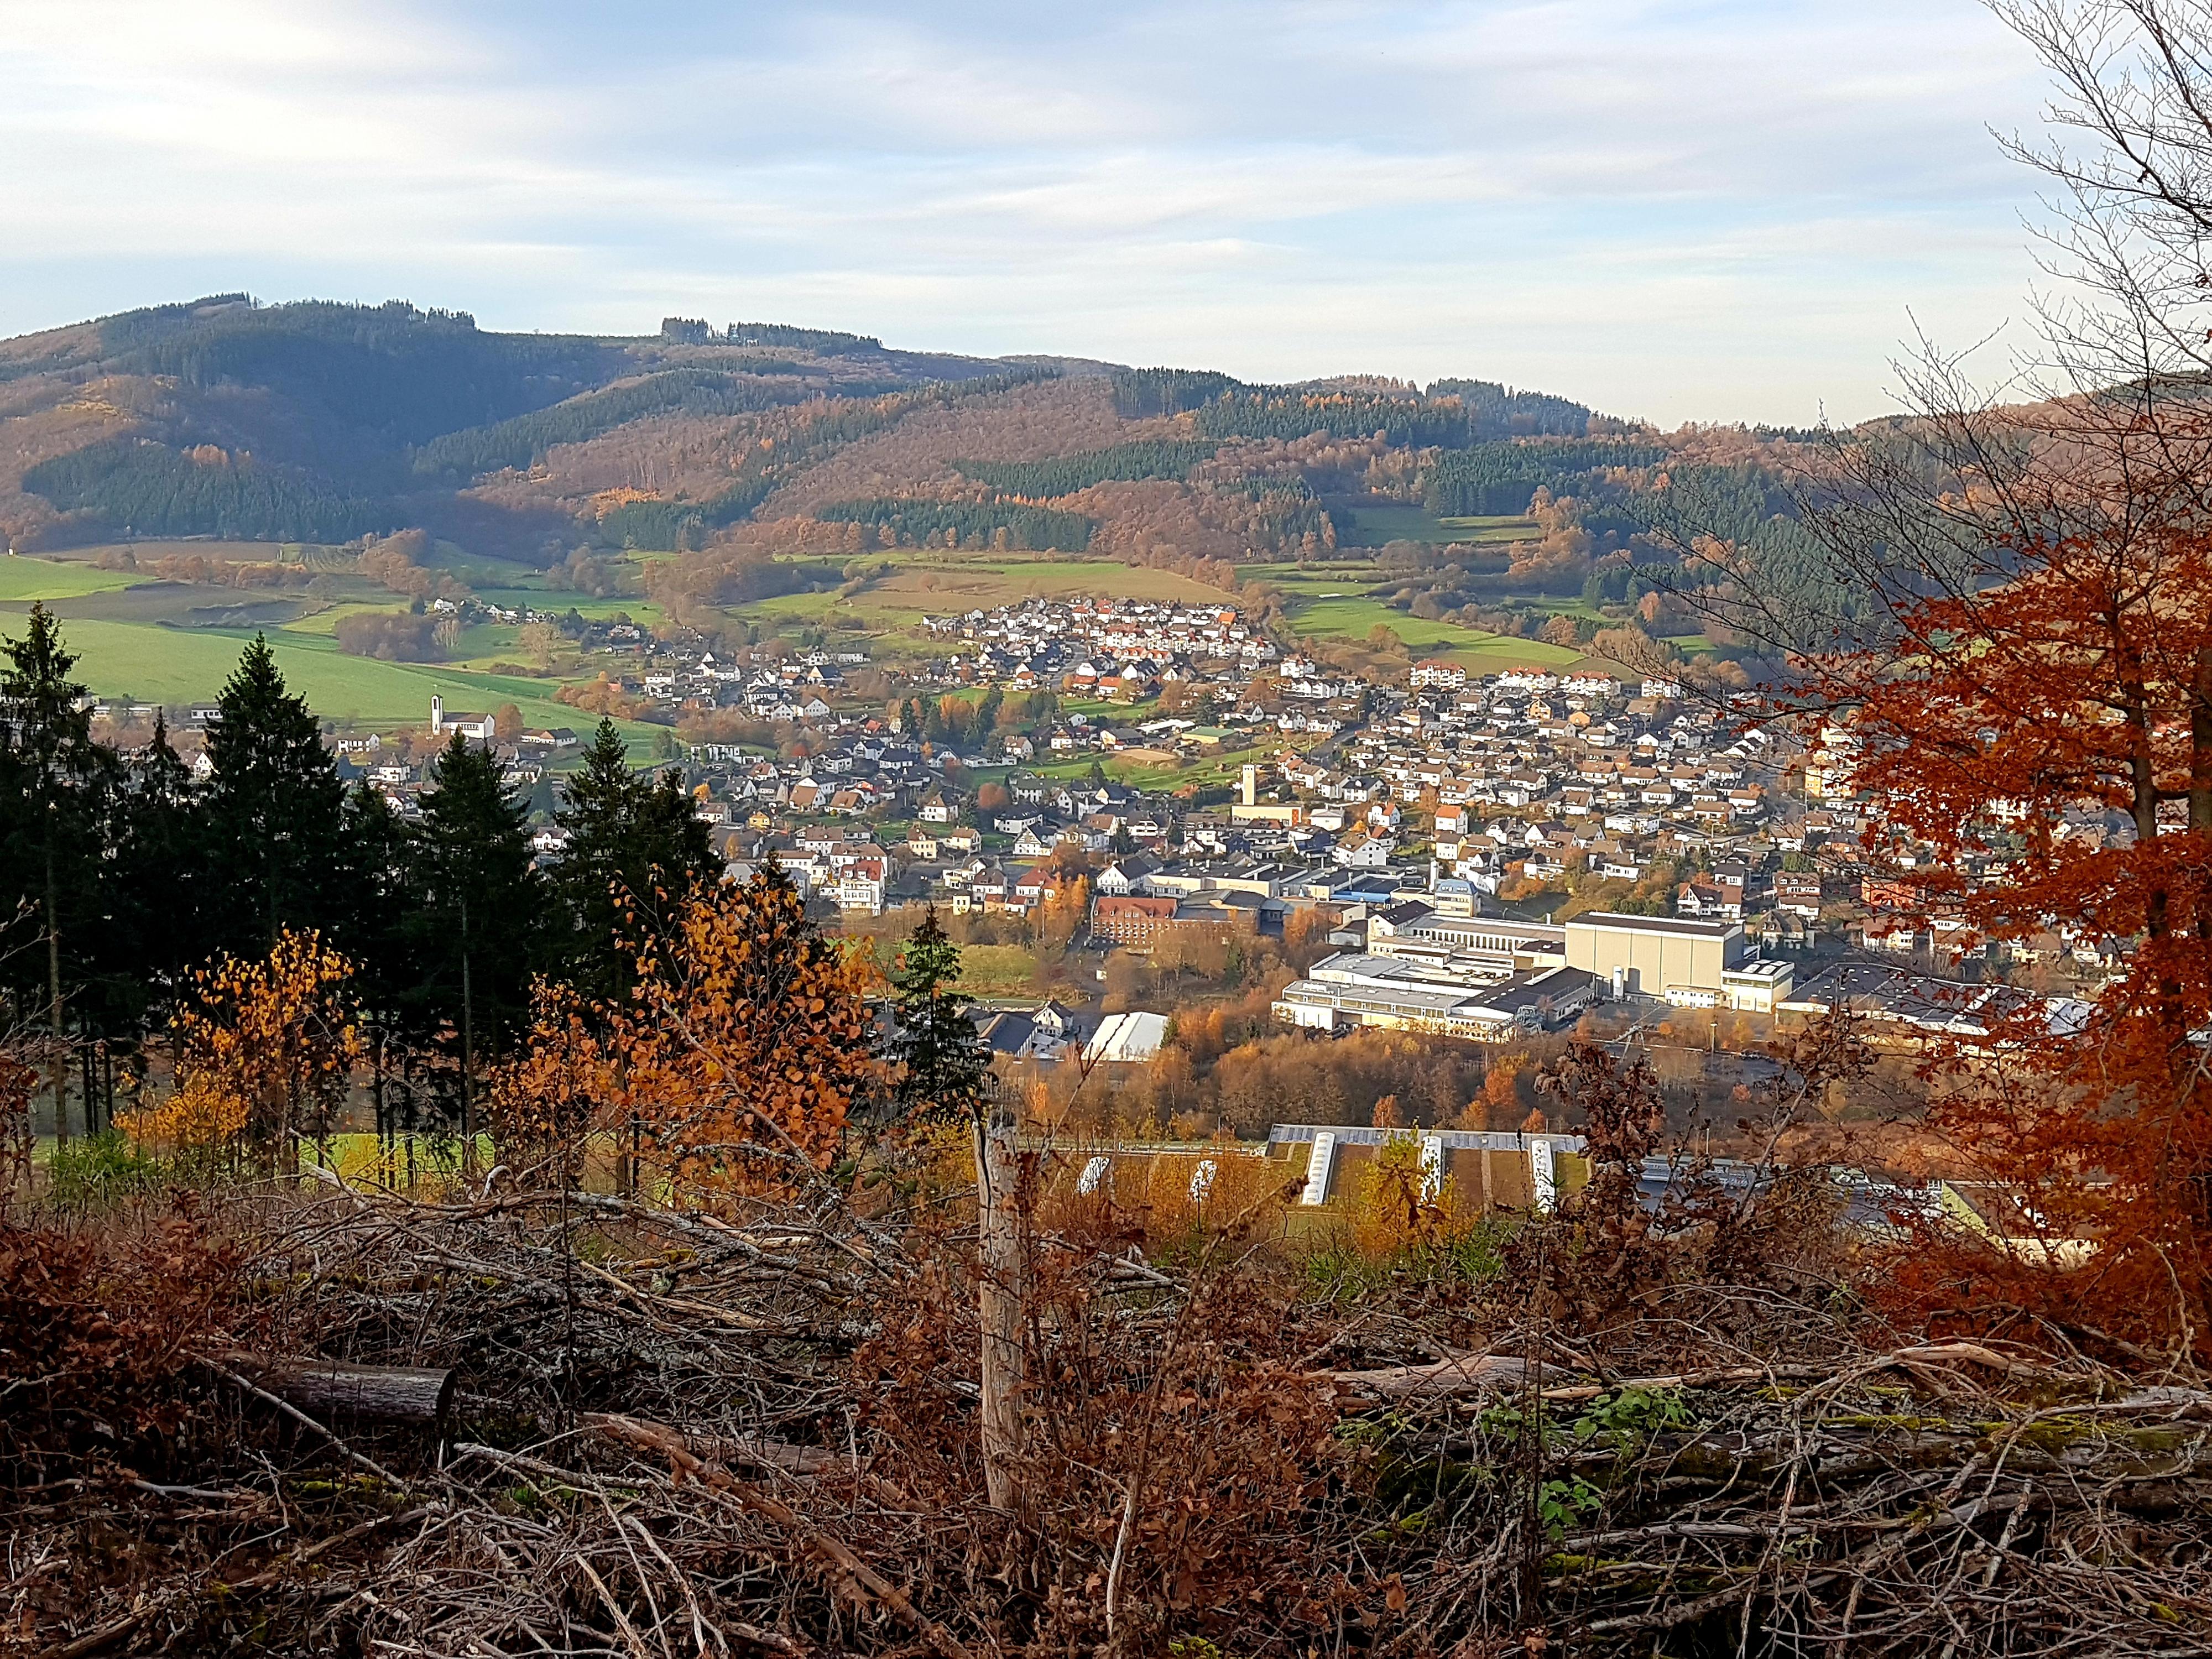 Von der Sundhelle - Blick auf Holthausen